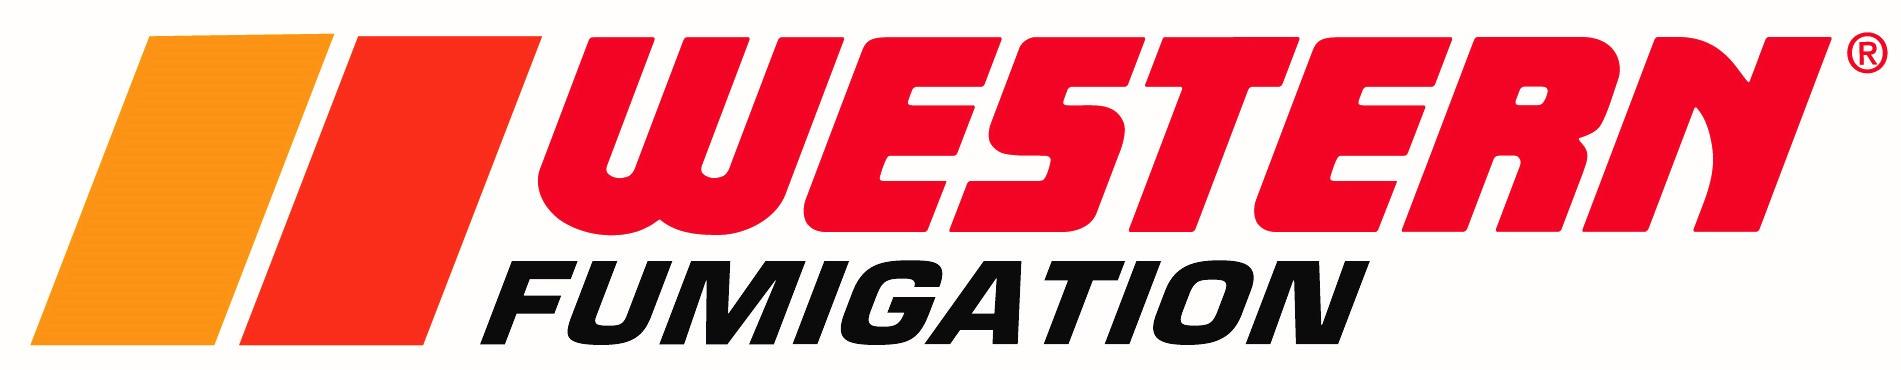 2021-Western-Fumigation-Logo